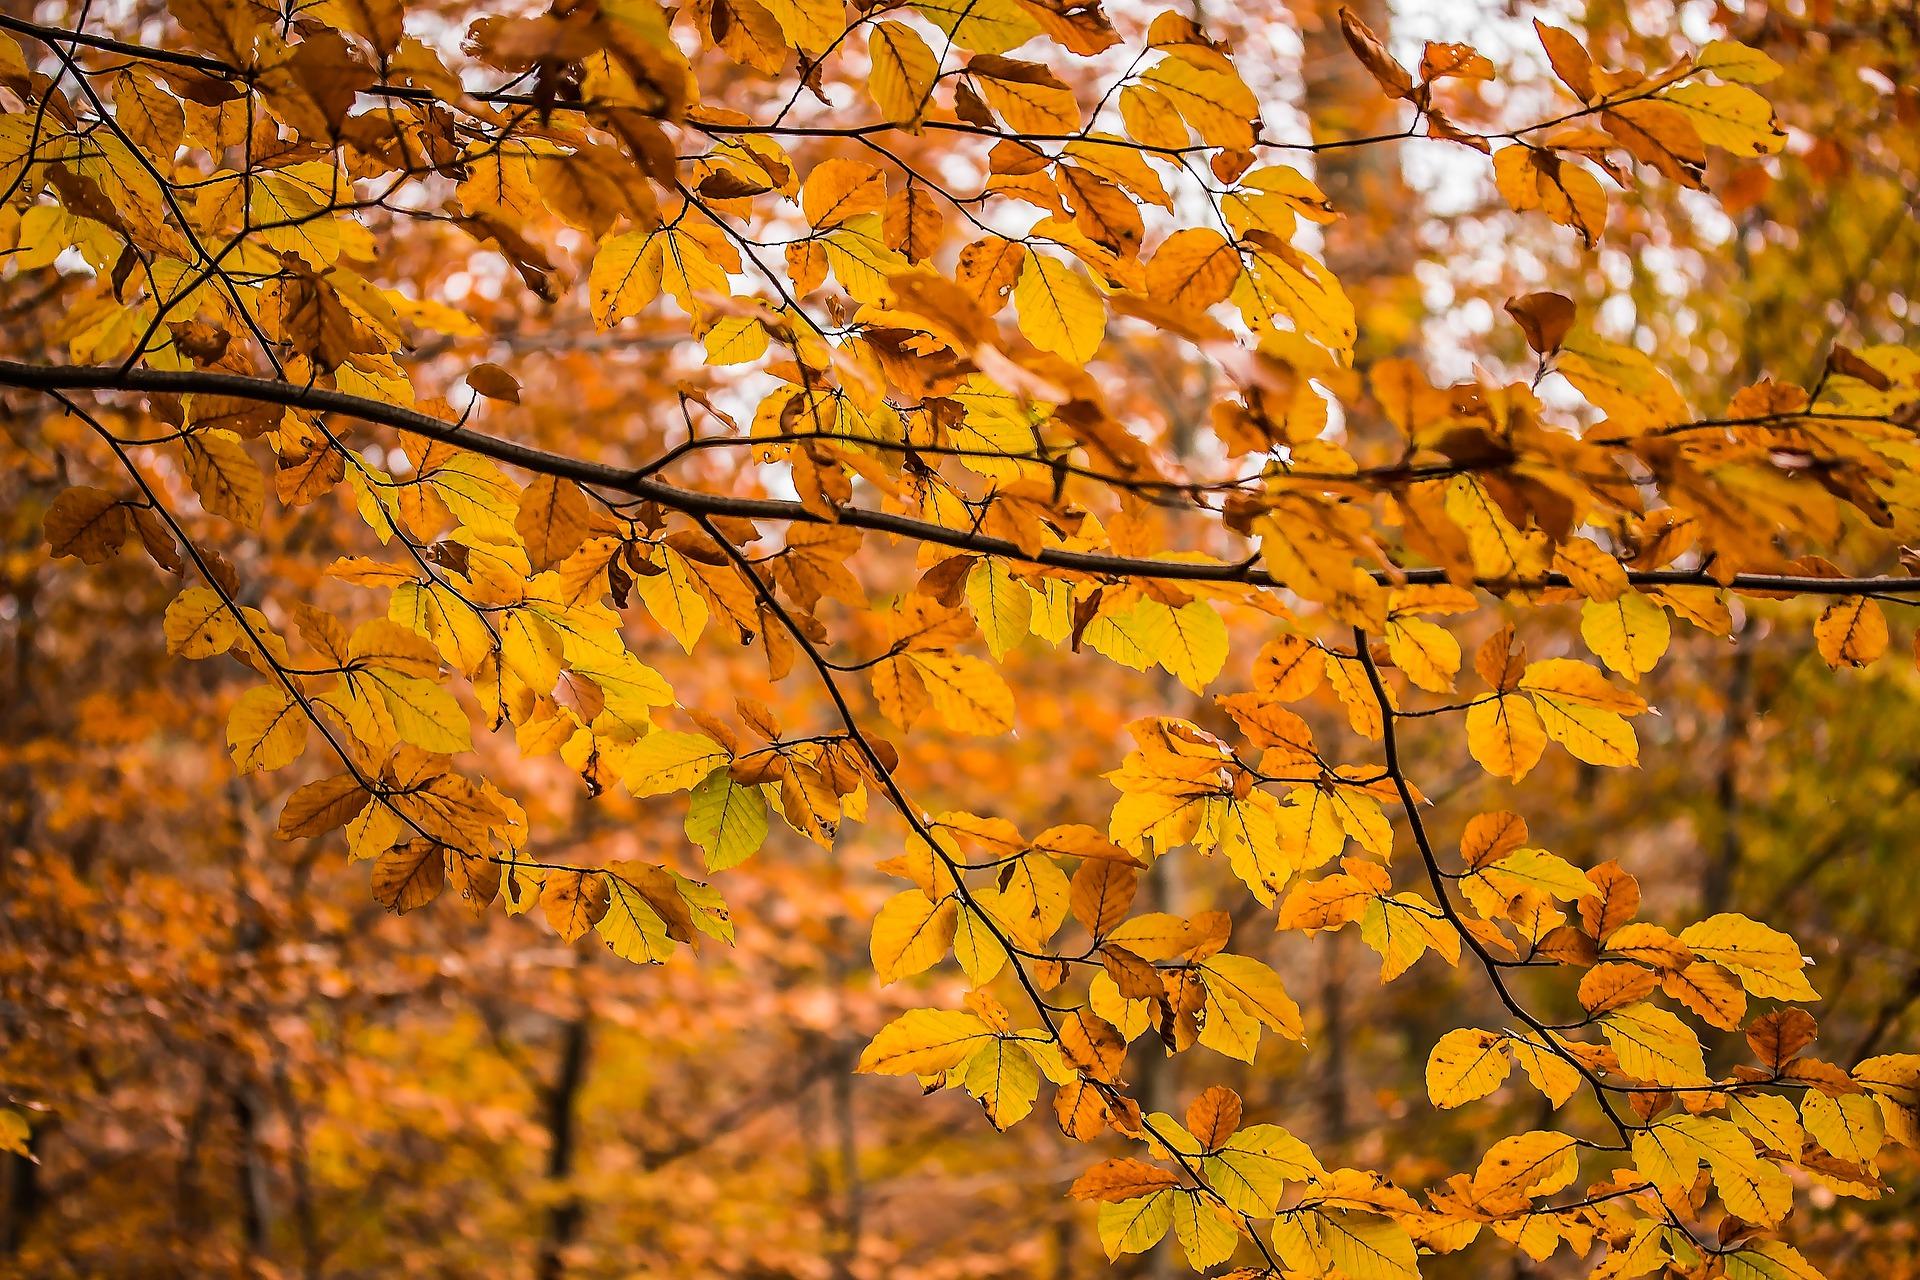 Autumn Season, Autumn, Dry, Fall, Fallen, HQ Photo